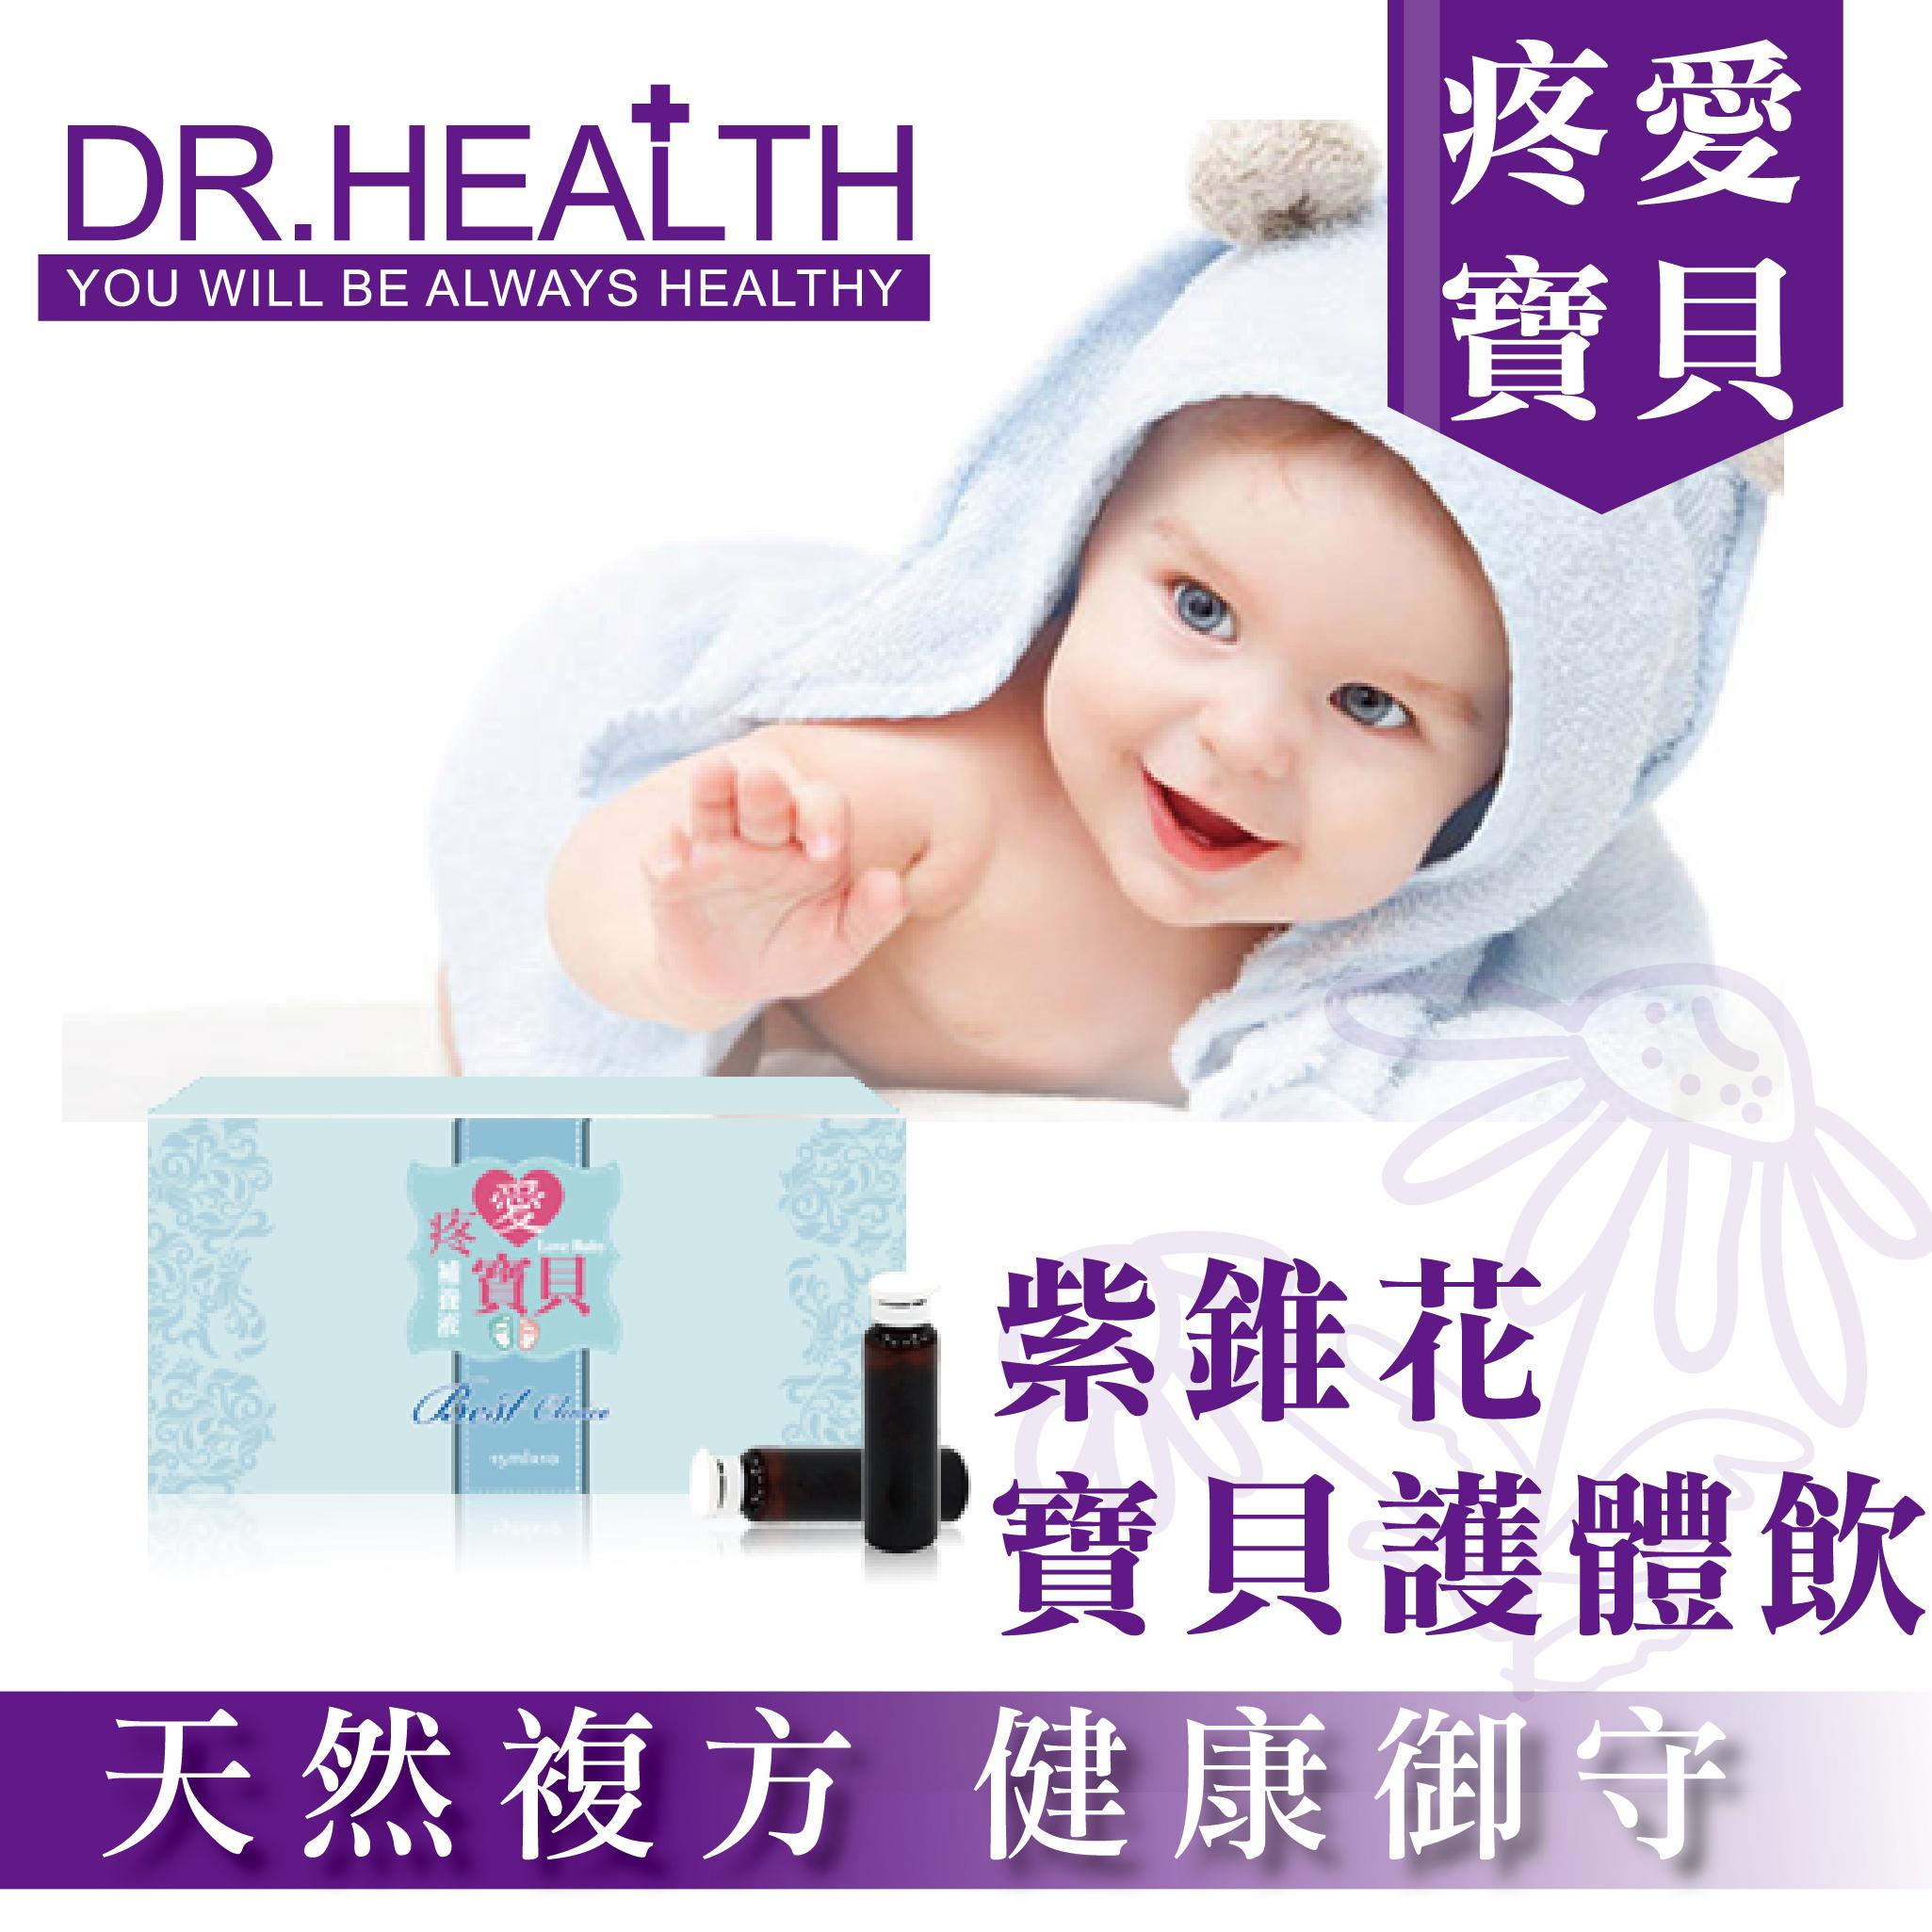 疼愛寶貝補養液-紫錐花寶貝護體飲(買5送1)